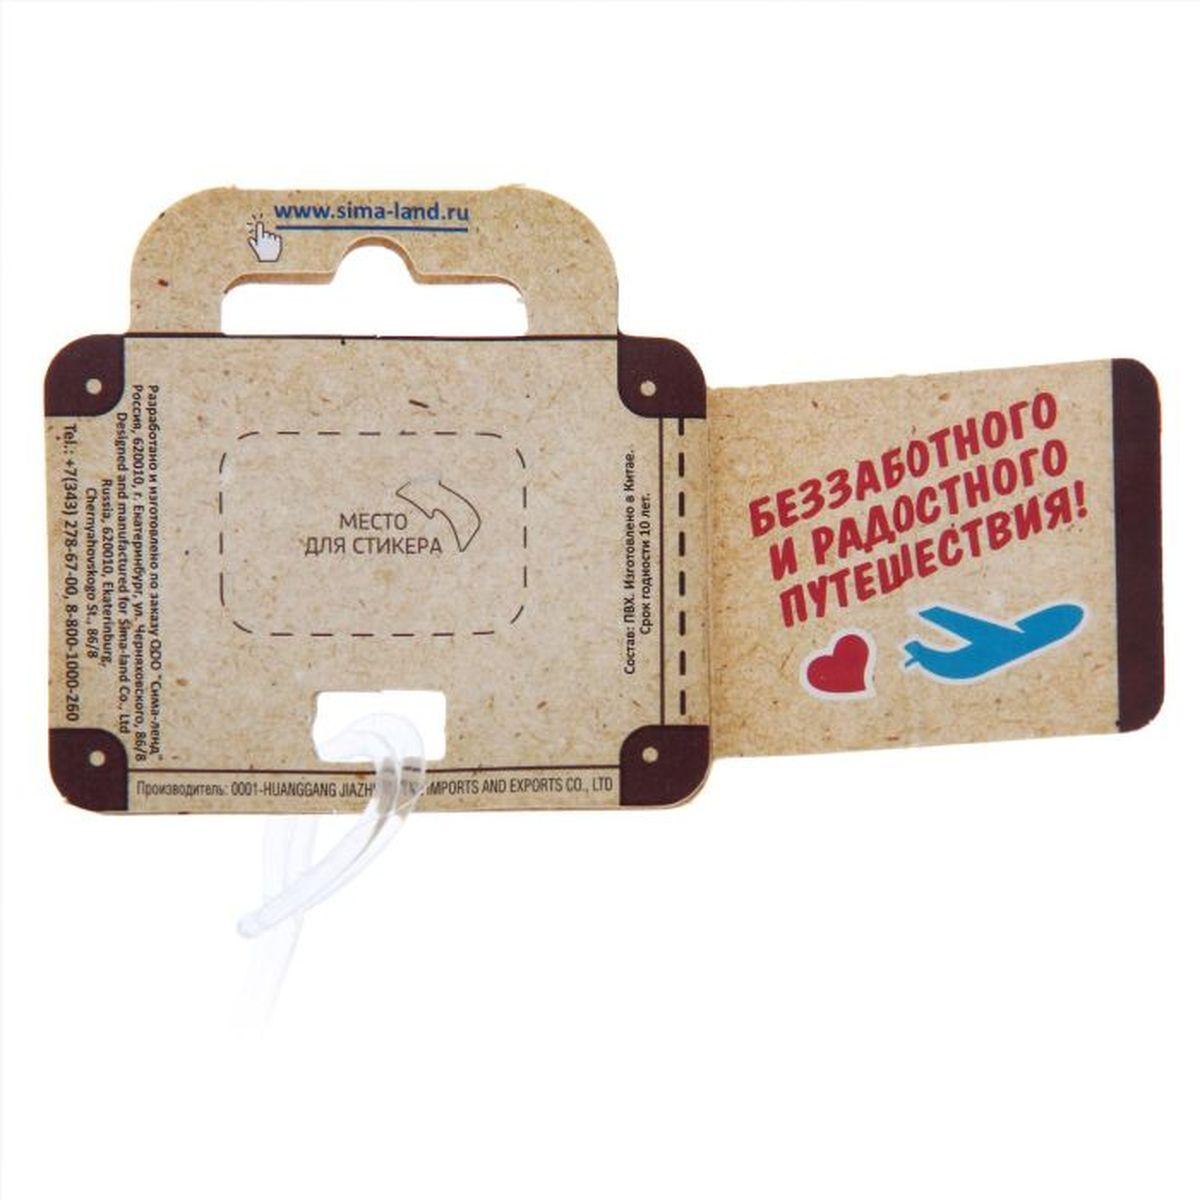 """Бирка на чемодан Sima-land """"На все 4 стороны"""", 8 х 8,8 см. 1144509"""